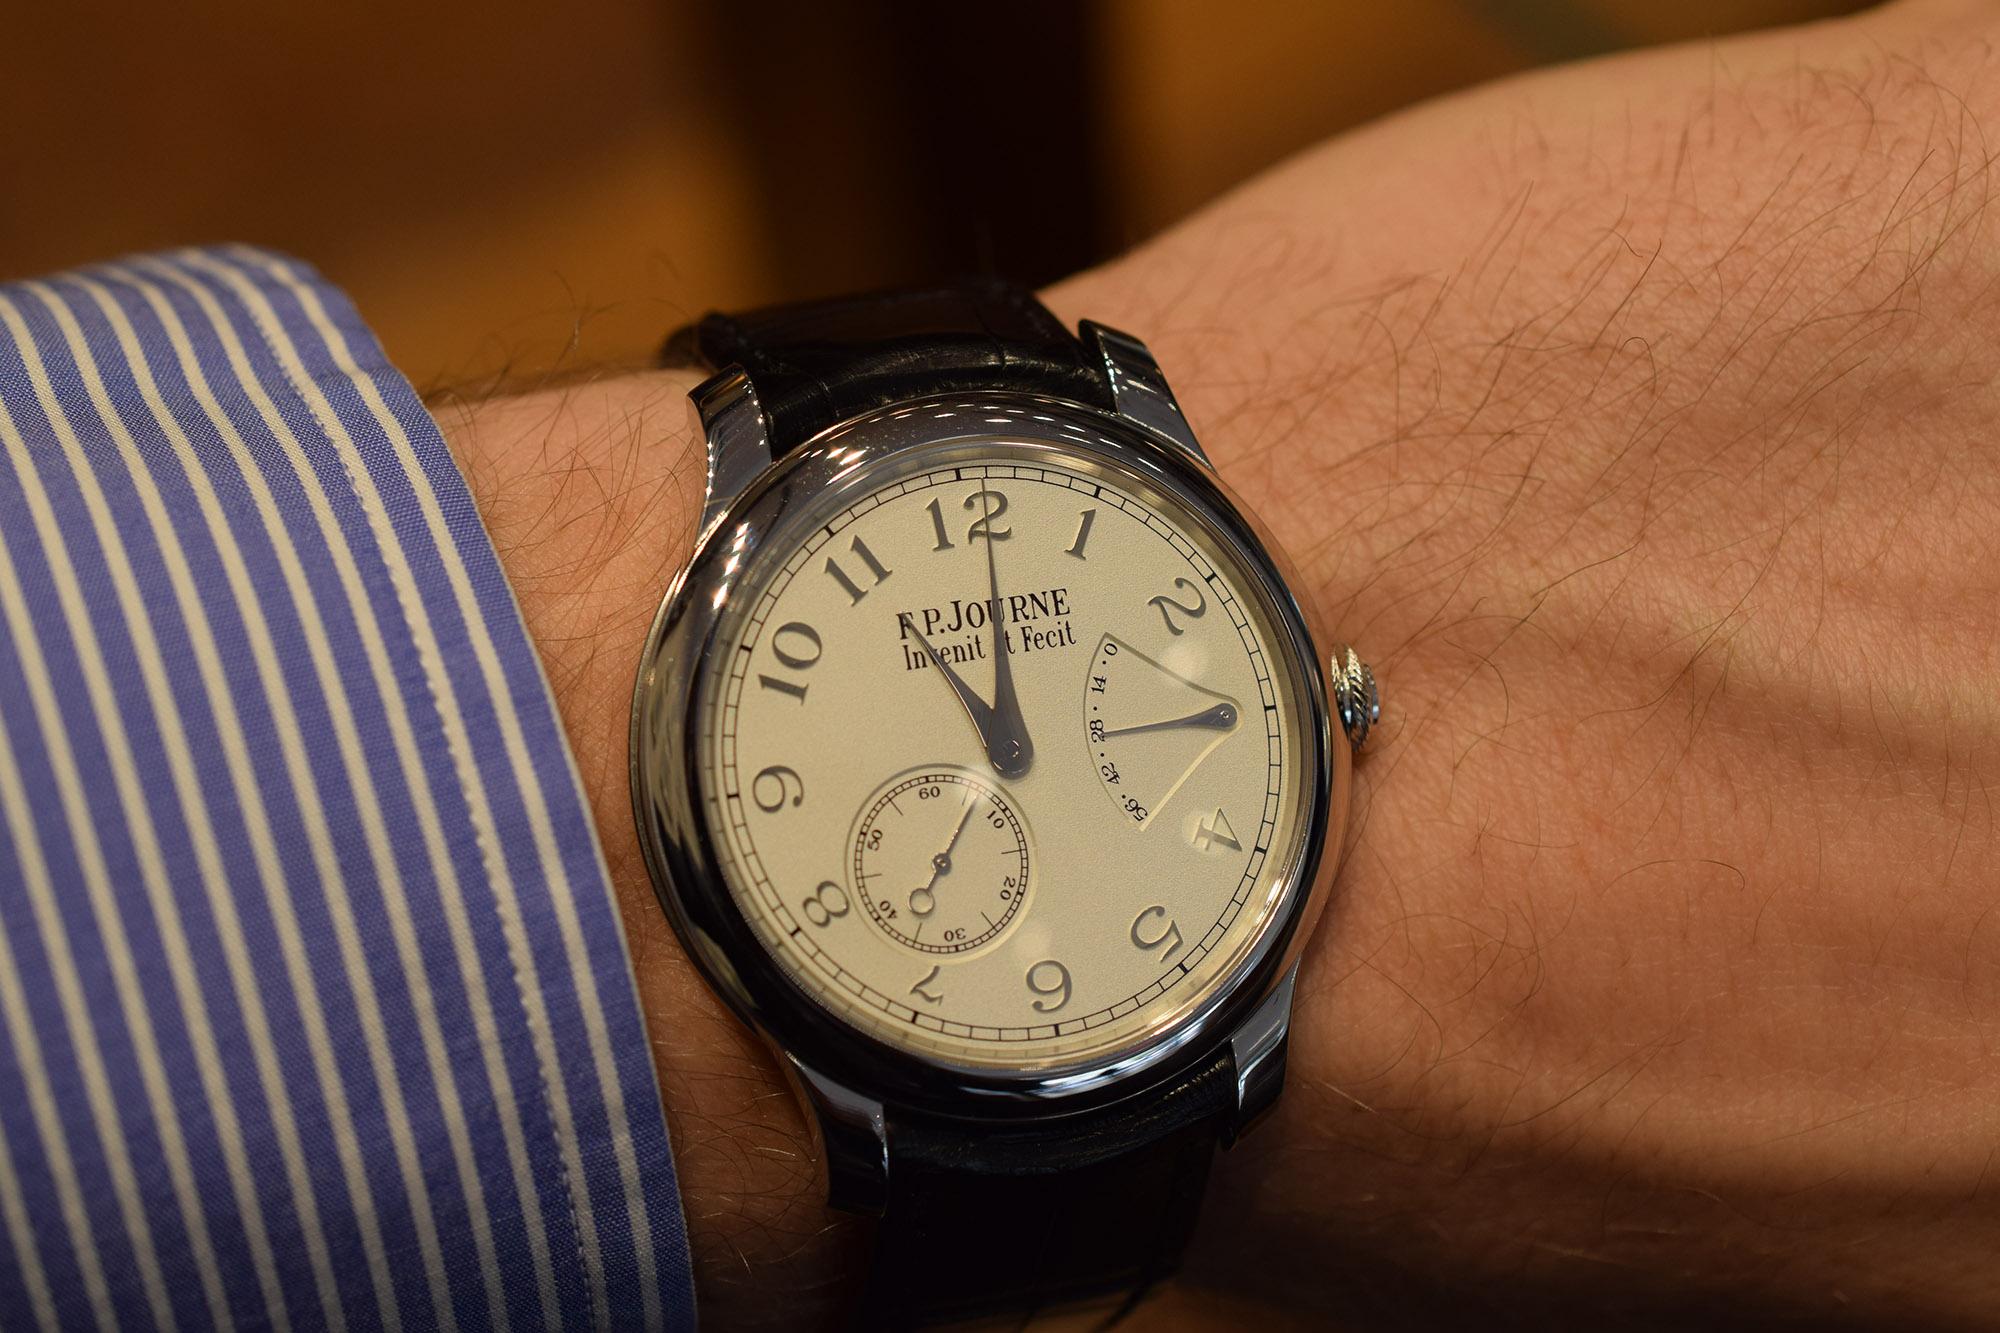 F.P. Journe Chronometre Souverain - Wristshot